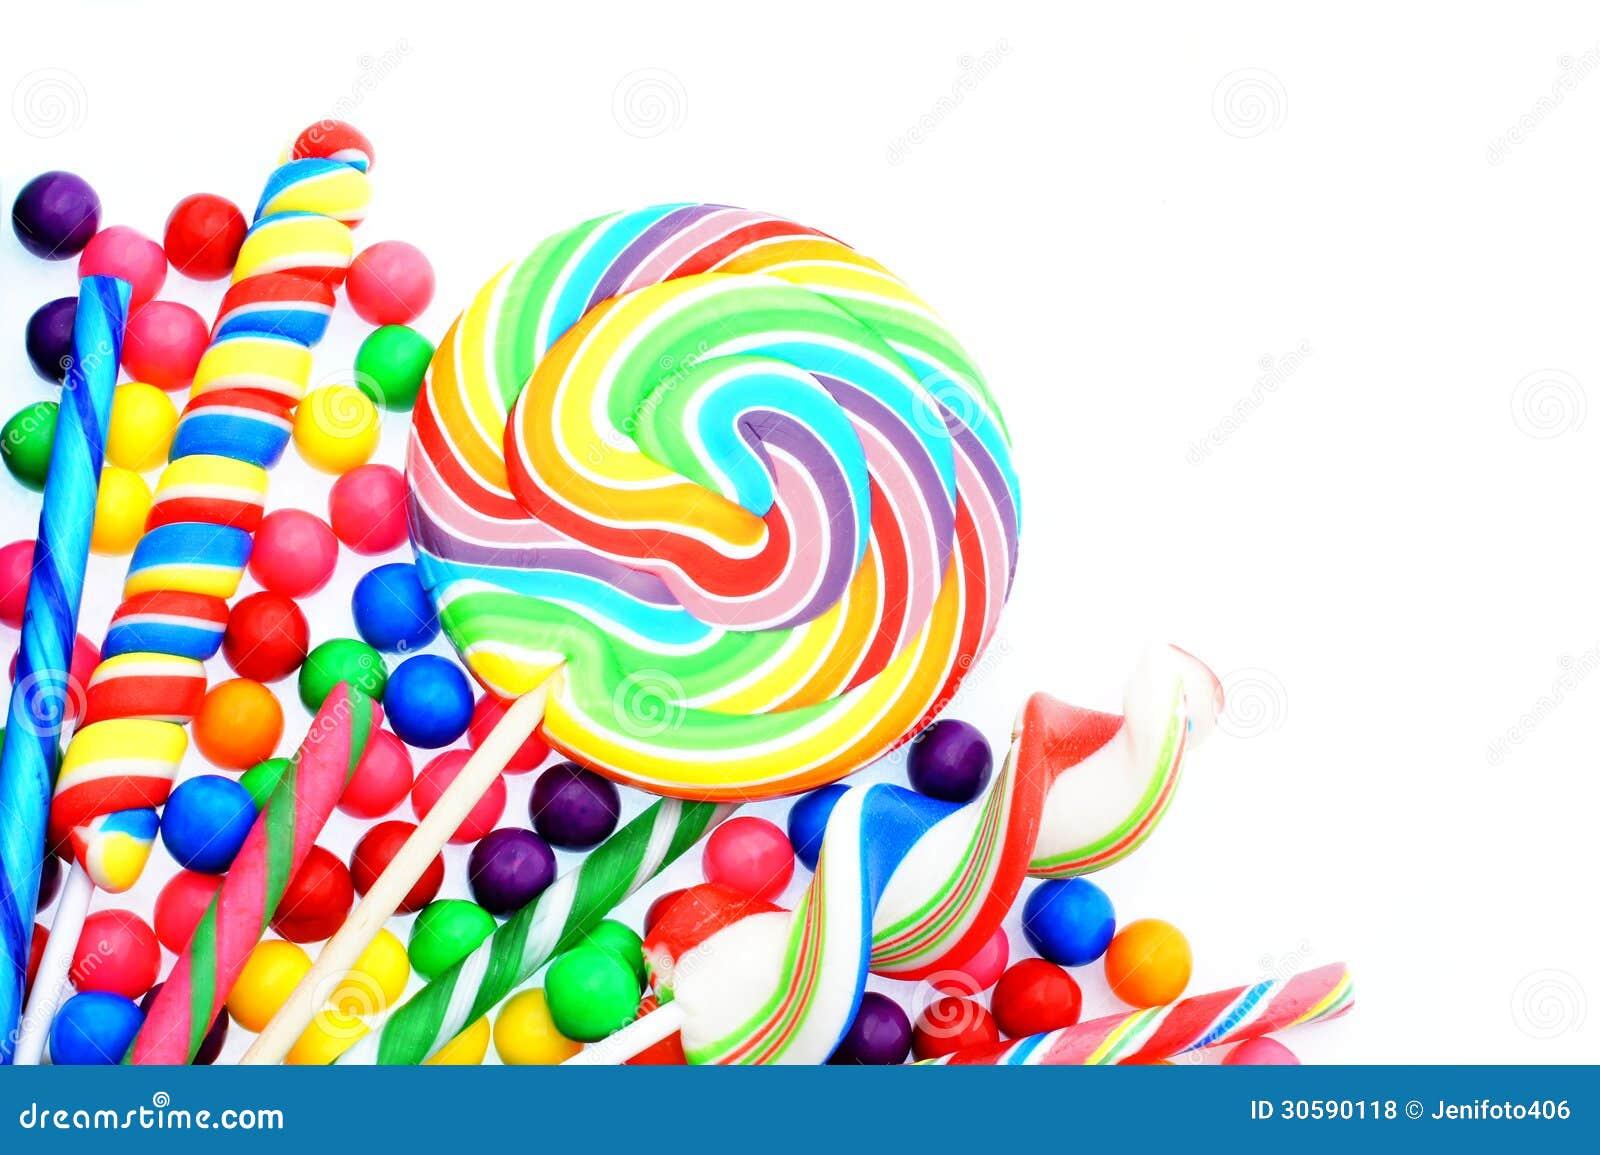 Suikergoedgrens